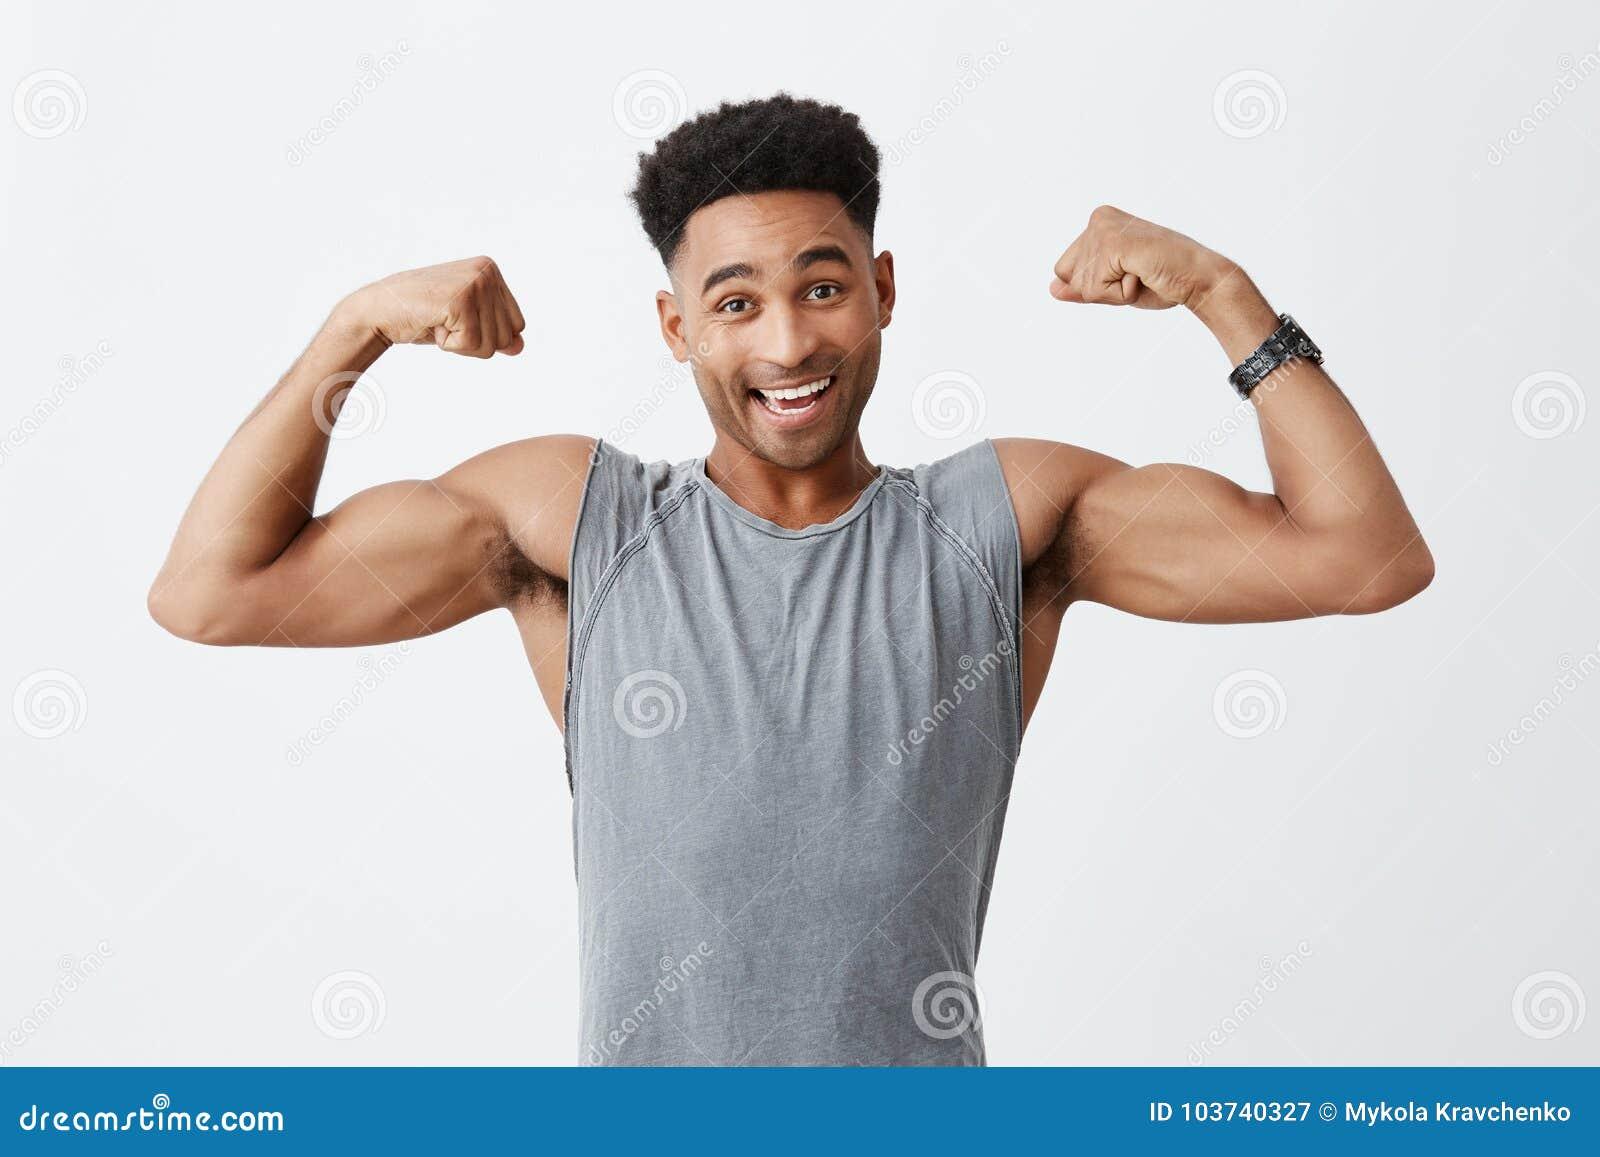 Lokalisiertes Porträt des jungen netten attraktiven athletischen dunkelhäutigen Mannes mit Afrofrisur im sportlichen grauen Hemd